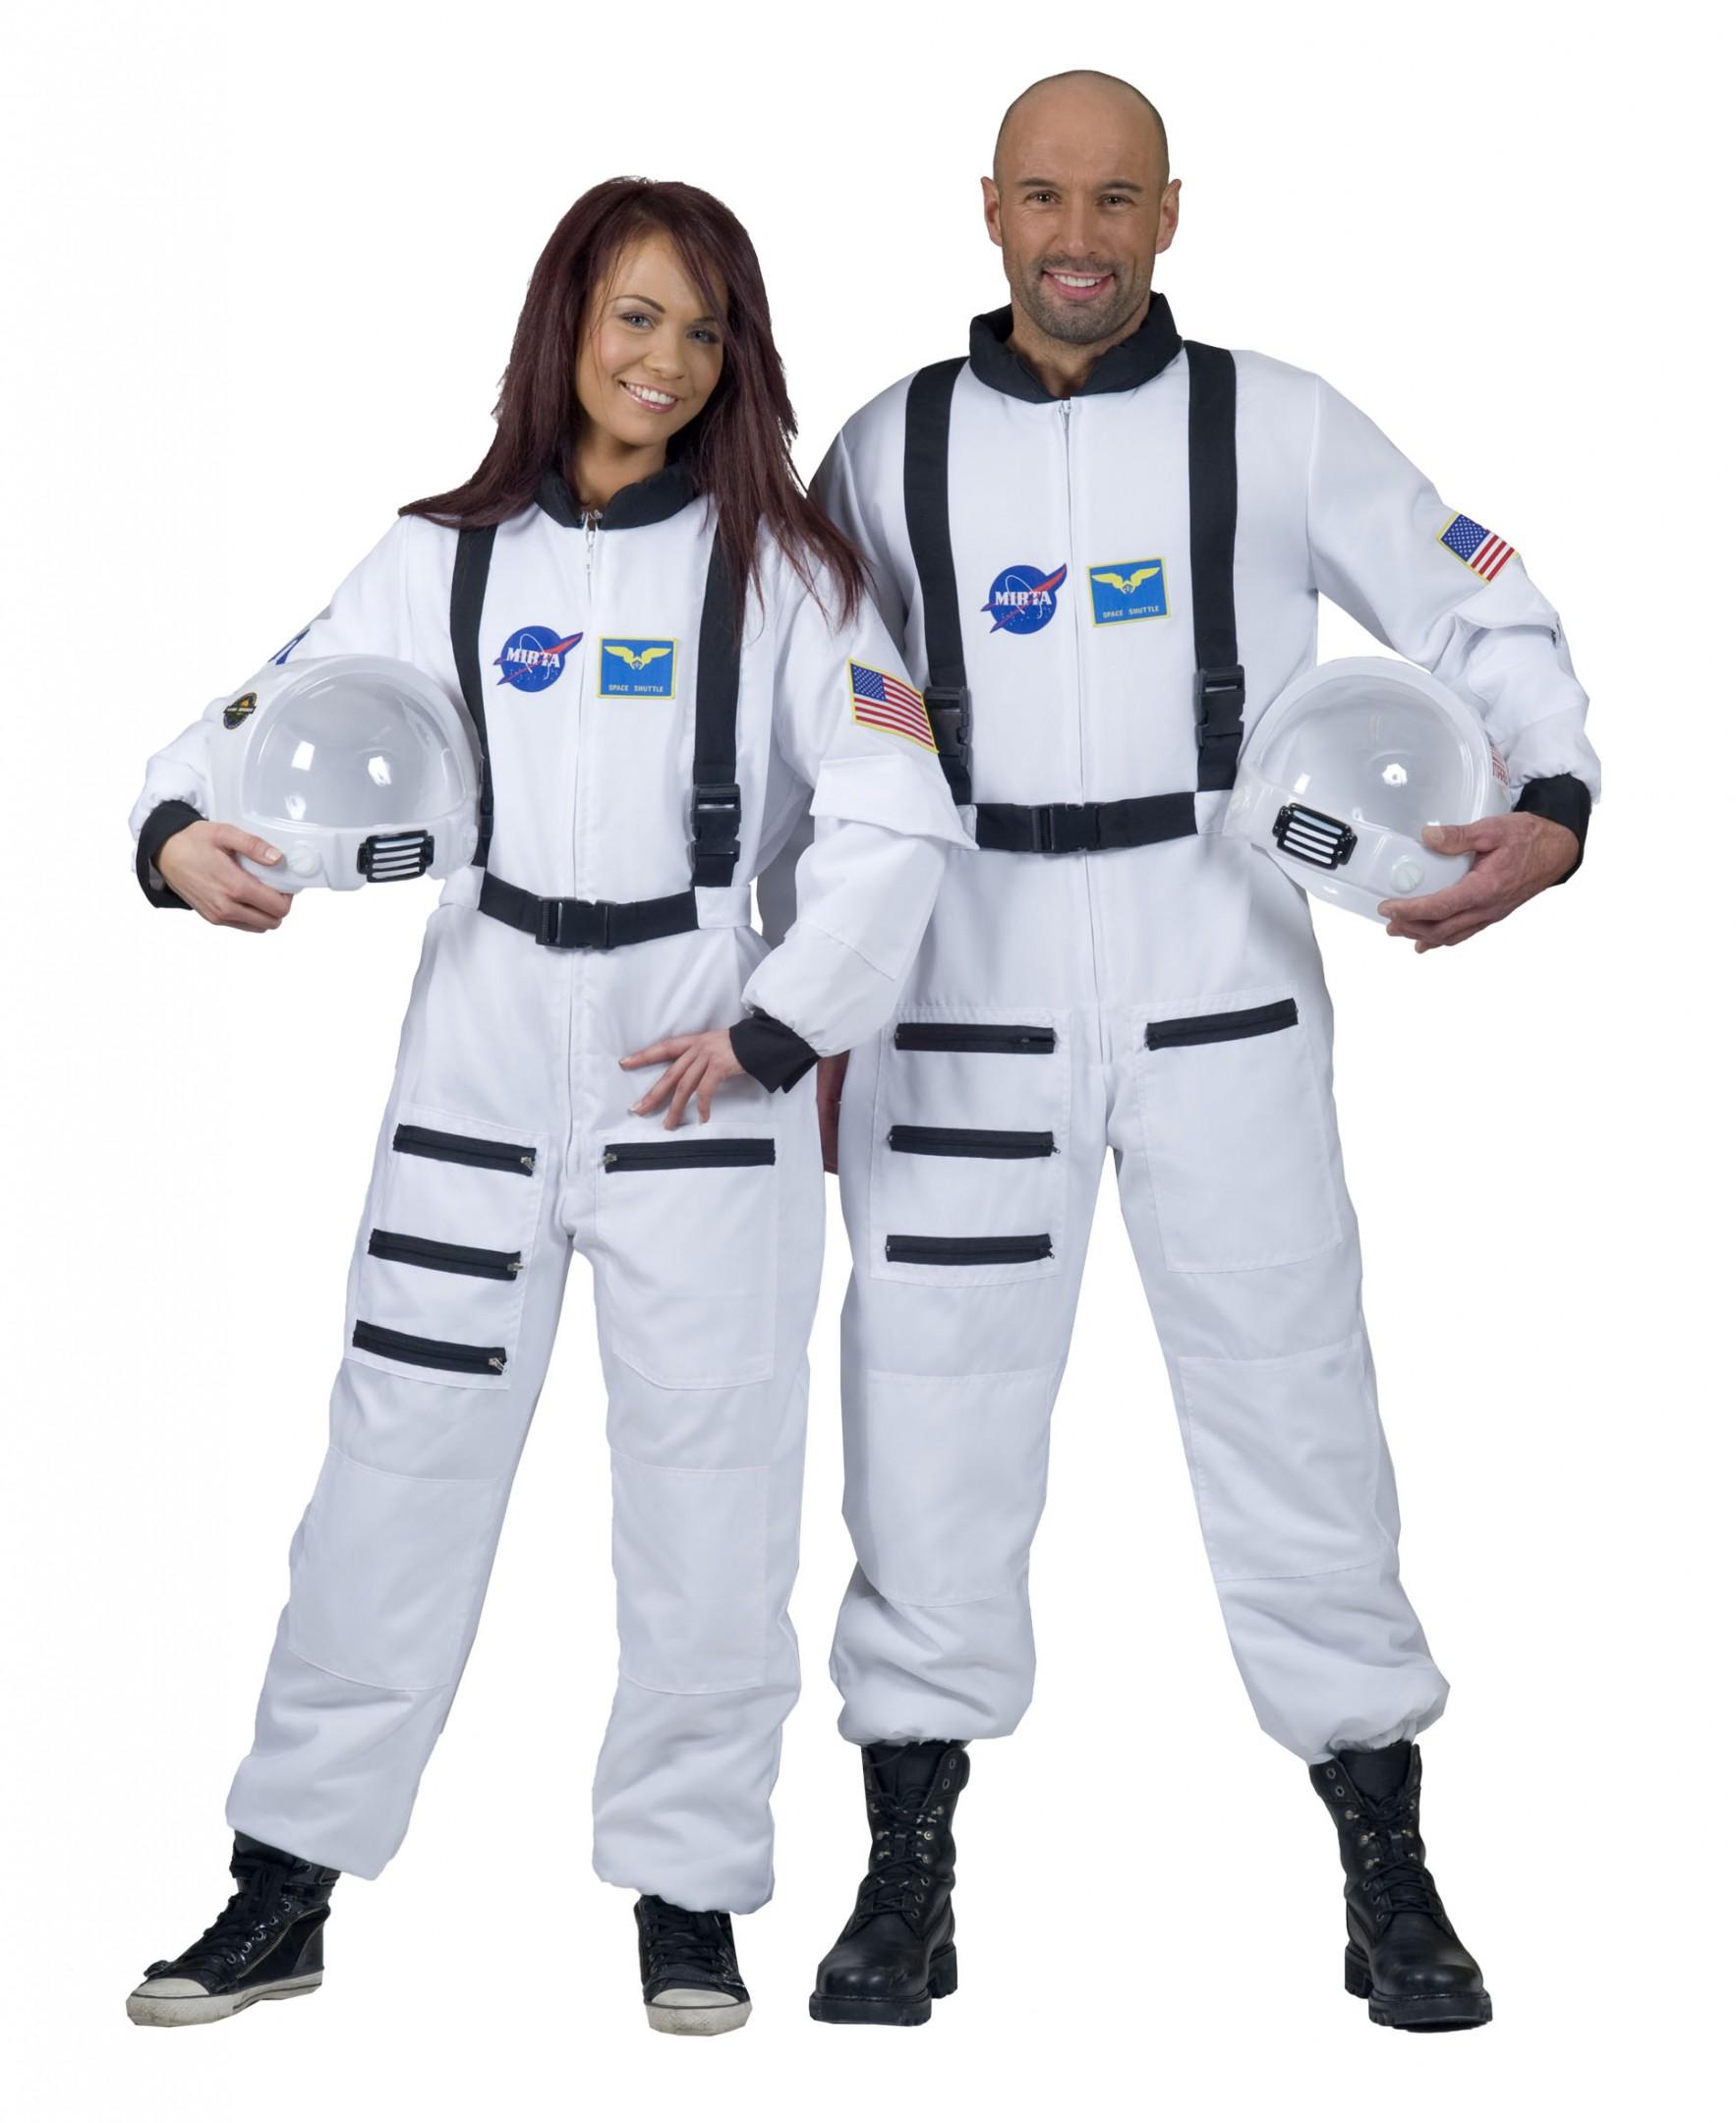 Astronaut jumsuit wit-0